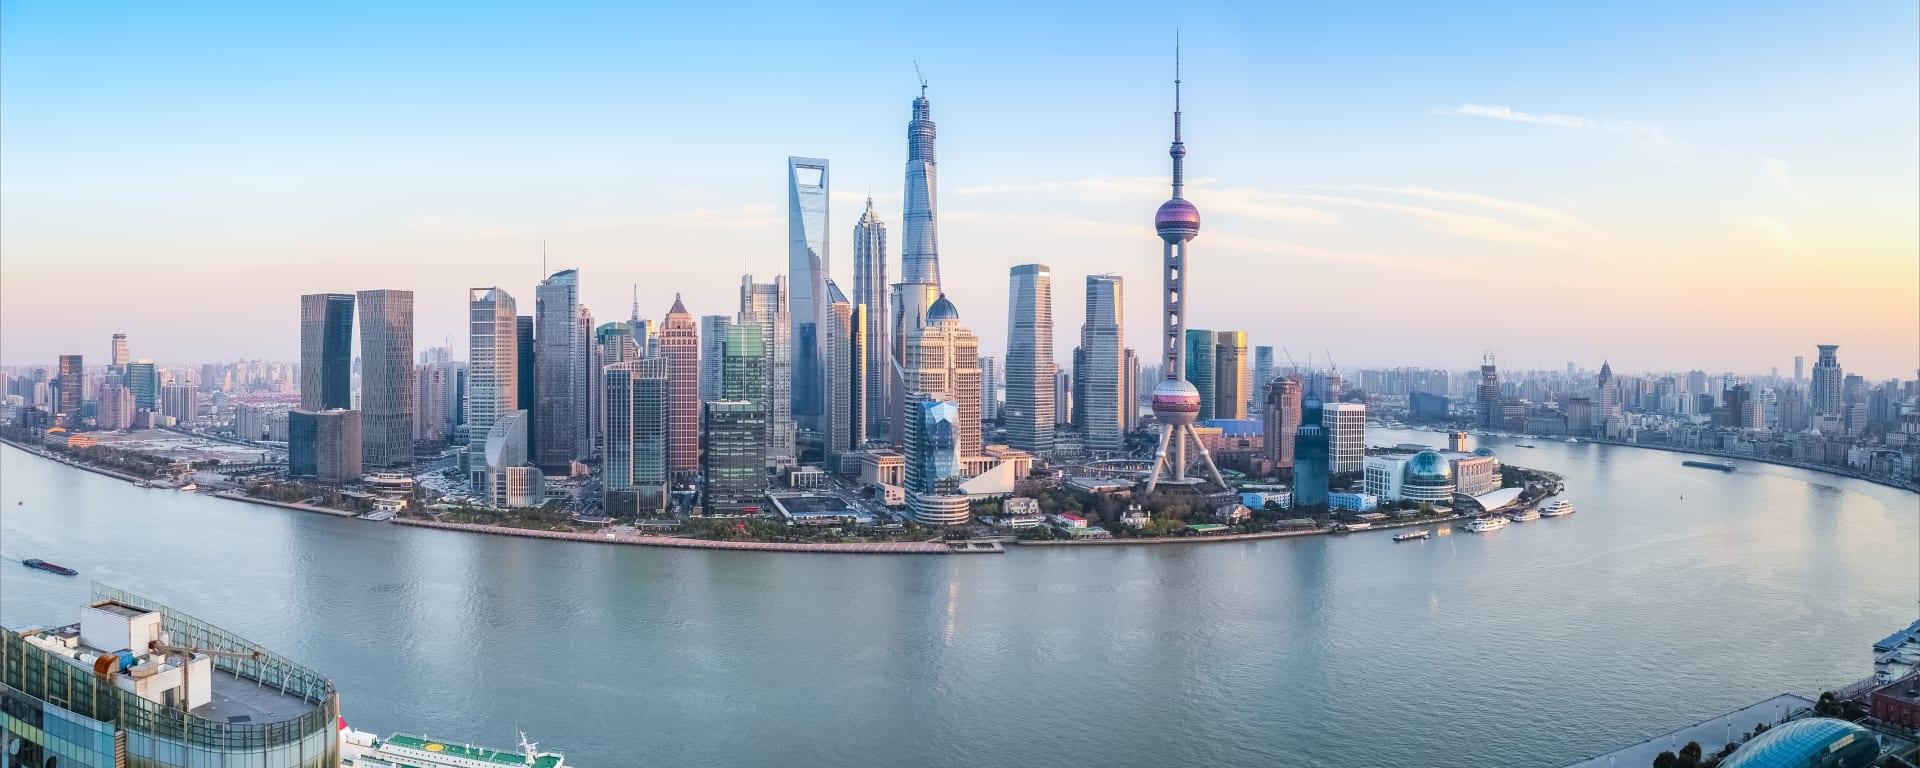 China entdecken mit Tischler Reisen: China Shanghai Pudong